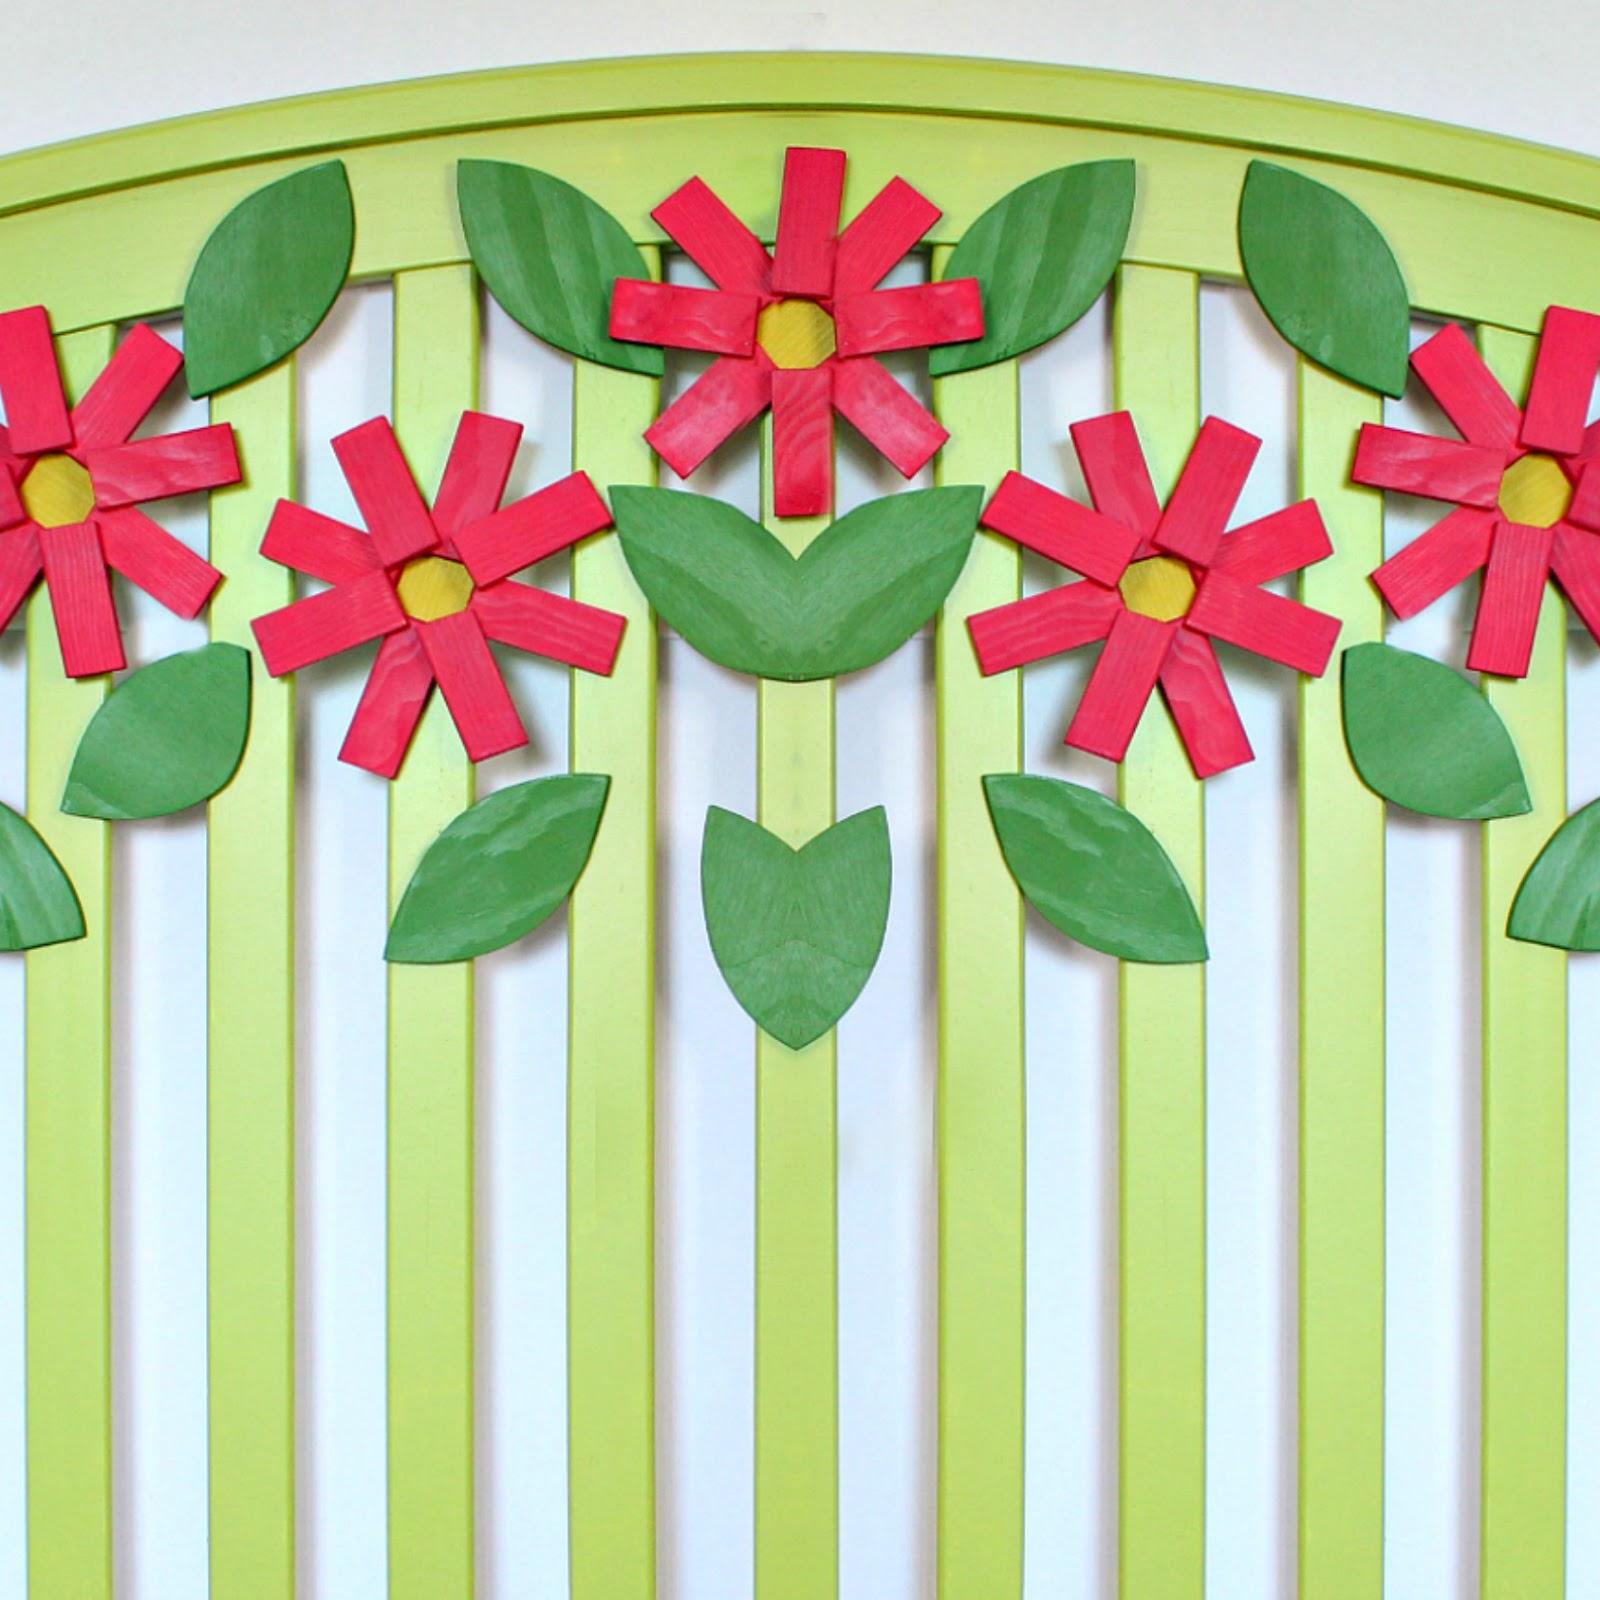 Mark Montano Flower Headboard Makeover